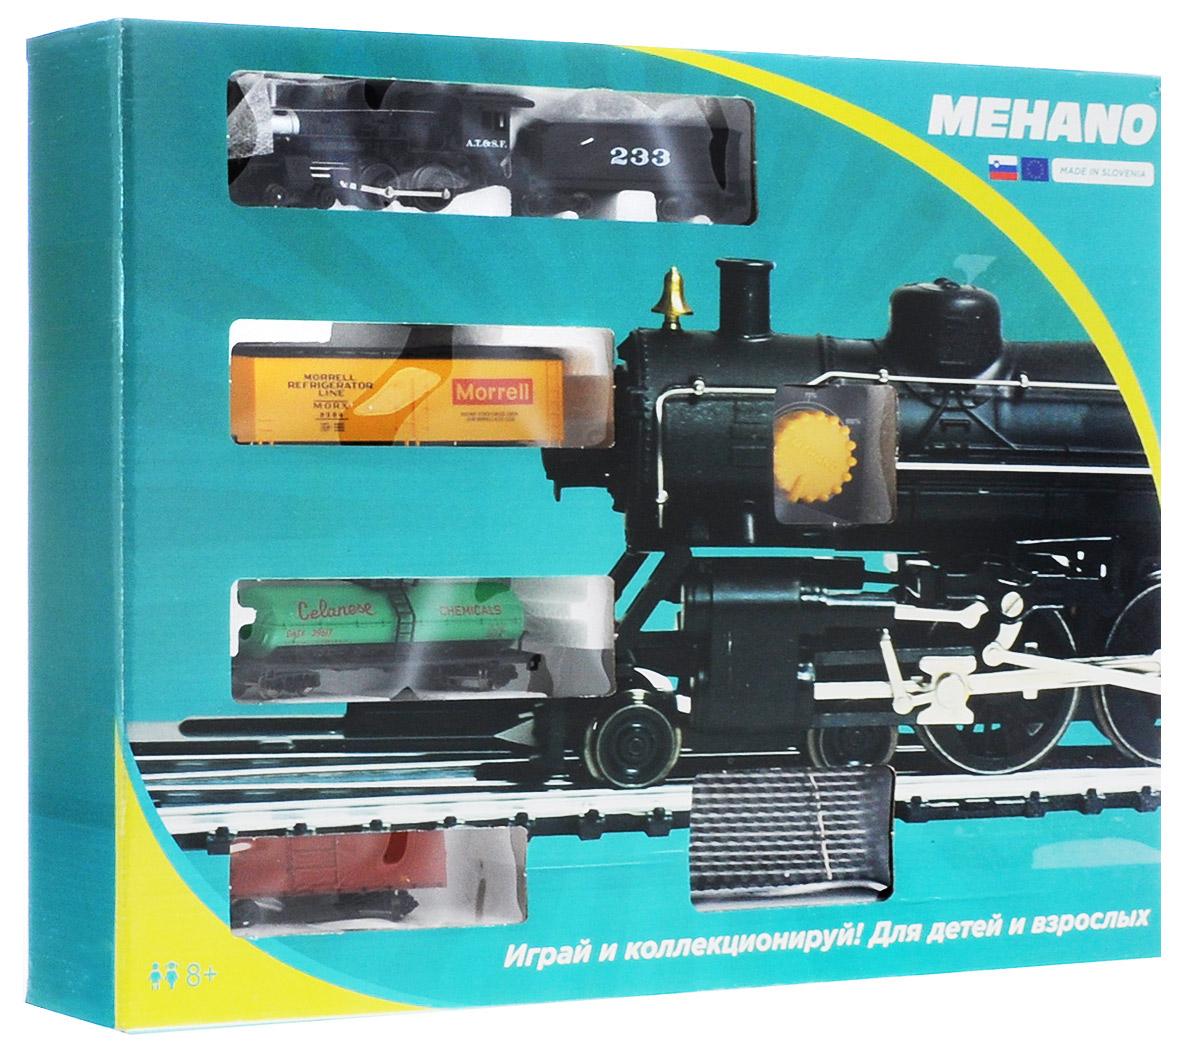 Mehano Железная дорога Hobby с паровозом AT&SFPR02-260Железная дорога Mehano - миниатюрная копия грузового состава. Мельчайшие детали паровозов, тепловозов и грузовых вагонов, каждая рельефная линия экстерьера тщательно проработаны, благодаря чему состав выглядит более чем реально. Можно вообразить, как этот состав загрузили где-то на миниатюрном перевалочном пункте, а затем он аккуратно вез свой груз по длинным разветвленным путям... Воплотить воображаемое в действительность очень легко: при желании железнодорожное полотно можно увеличить и добавить элементы ландшафта, ведь все элементы железных дорог Mehano совместимы друг с другом. При желании, можно докупить стрелку, перекресток и состав может двигаться на другие участки железной дороги. Рельсы металлические, колеса паровозов и вагонов выполнены из металла. Все элементы комплекта совместимы с другими сборными моделями железной дороги Mehano, так что юный машинист сможет прокладывать различные маршруты, строить новые станции и придумывать неповторимый,...